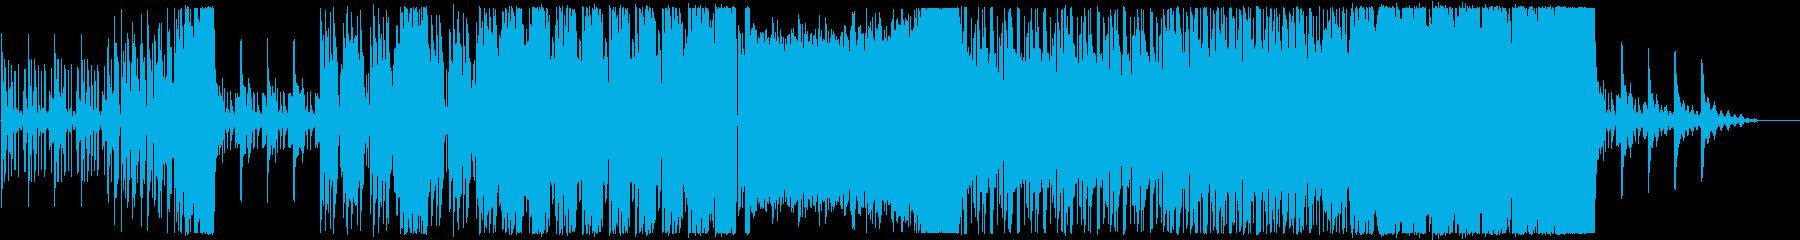 恐怖感たっぷりのBGMの再生済みの波形